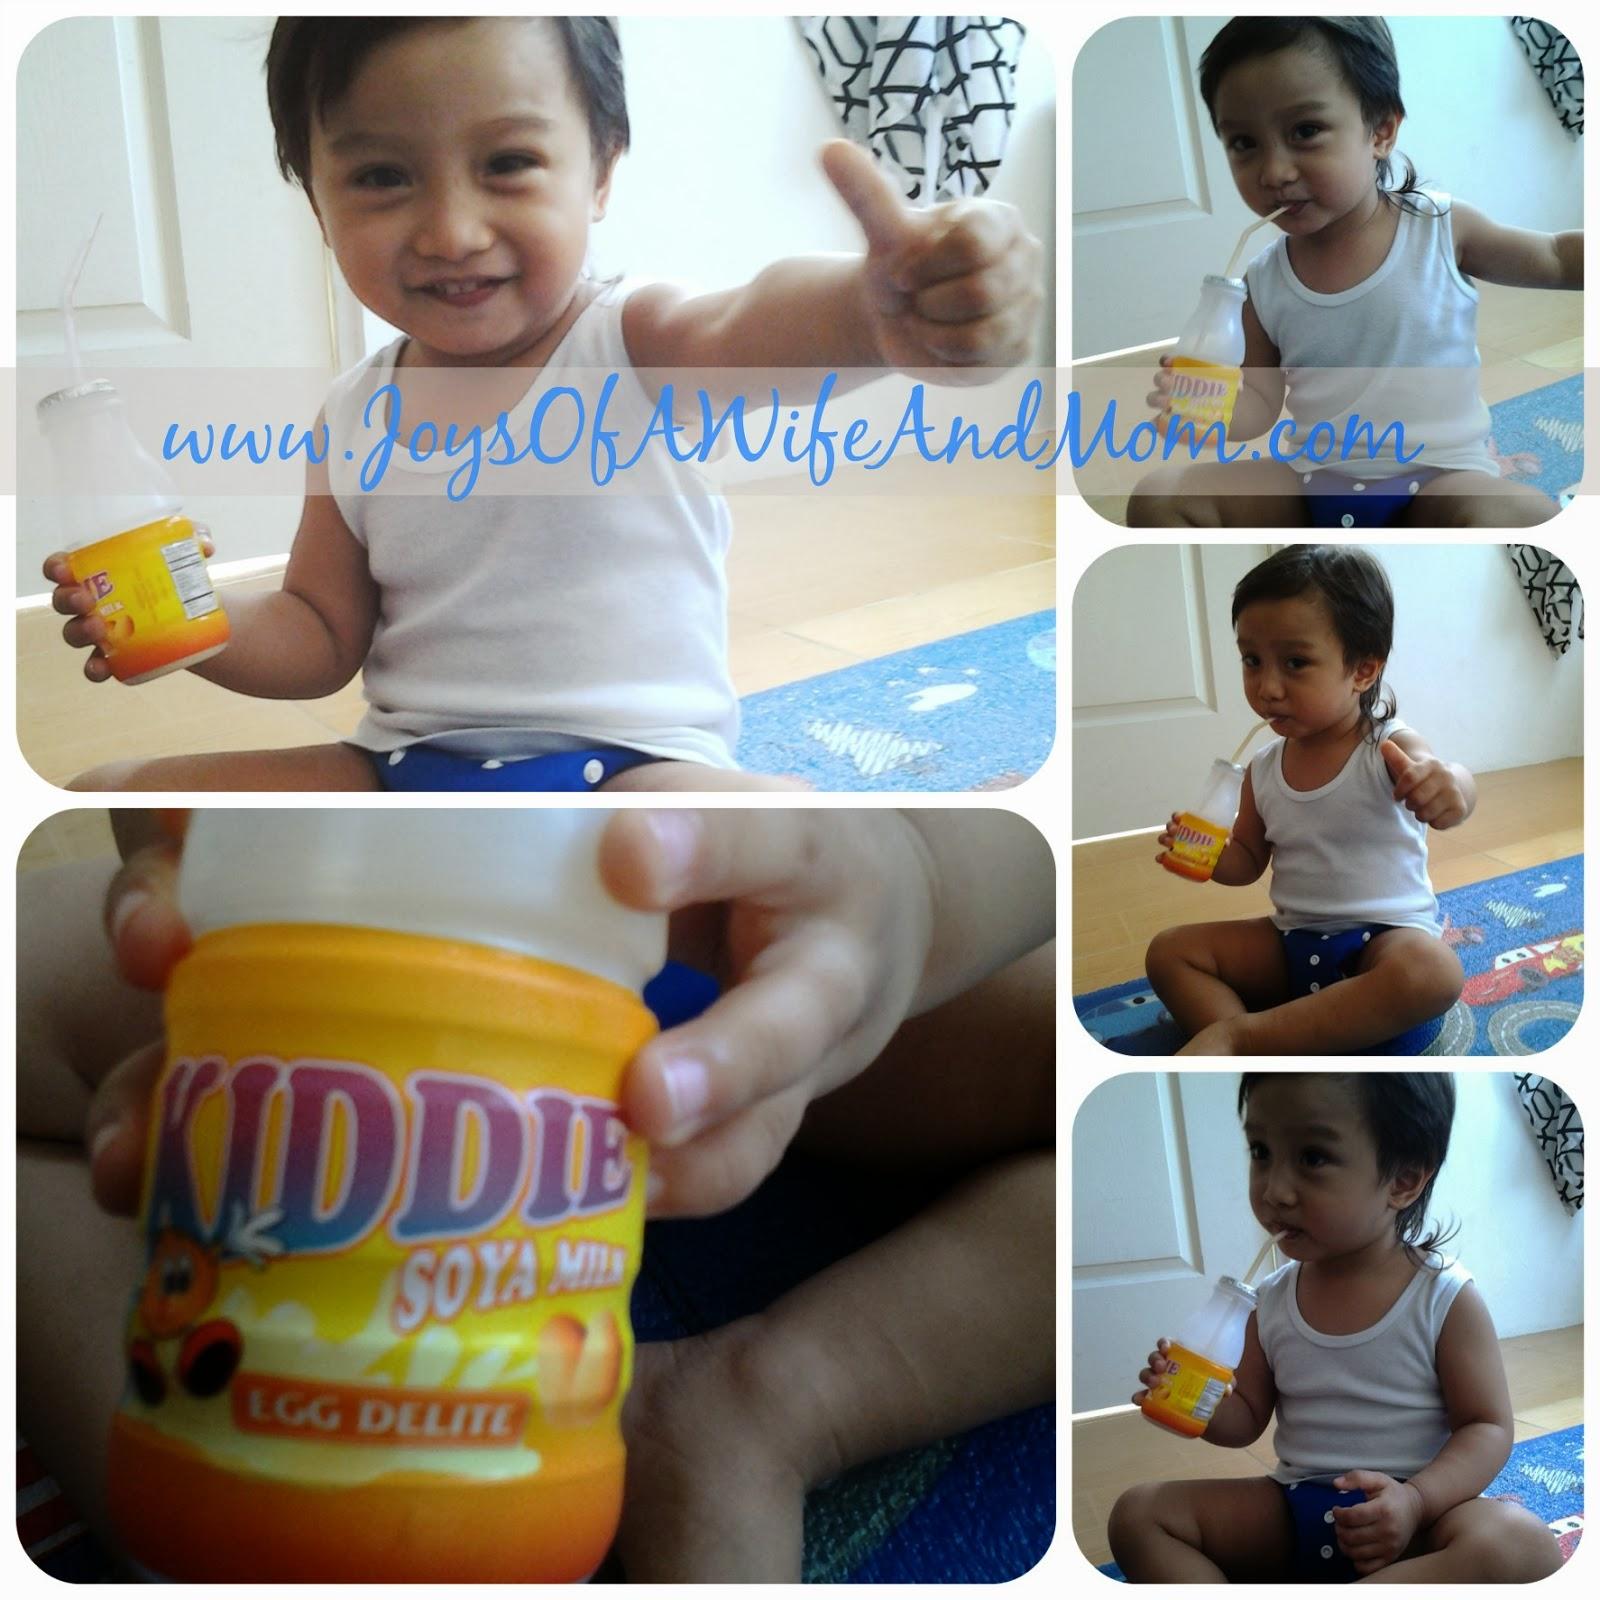 Kiddie Soya Milk Drink